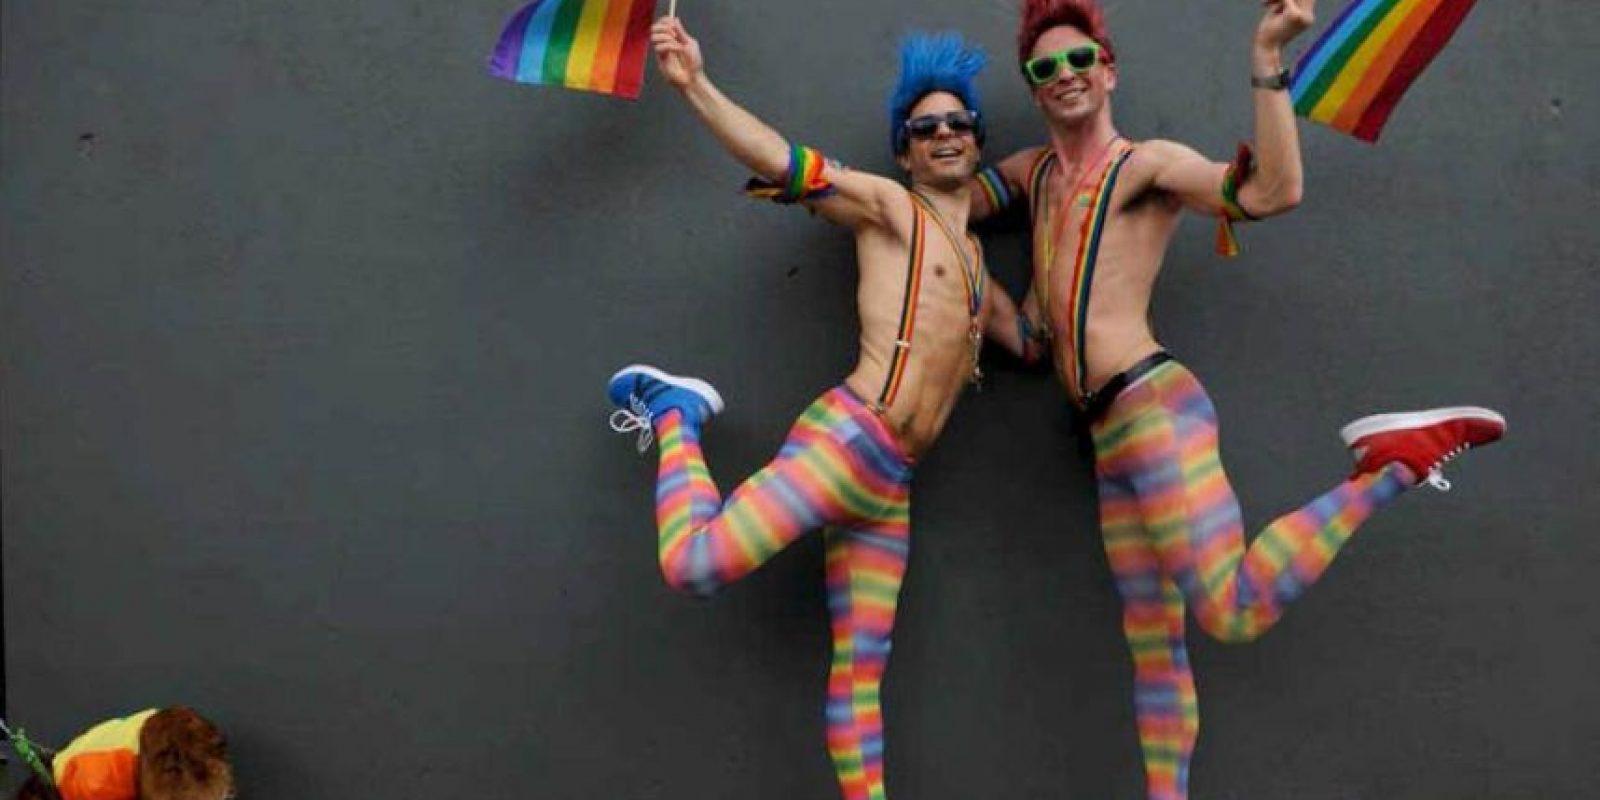 """En el """"día del Orgullo Gay"""" se realizan actos destinados a la tolerancia e igualdad de los derechos de la comunidad. Foto:Getty Images"""